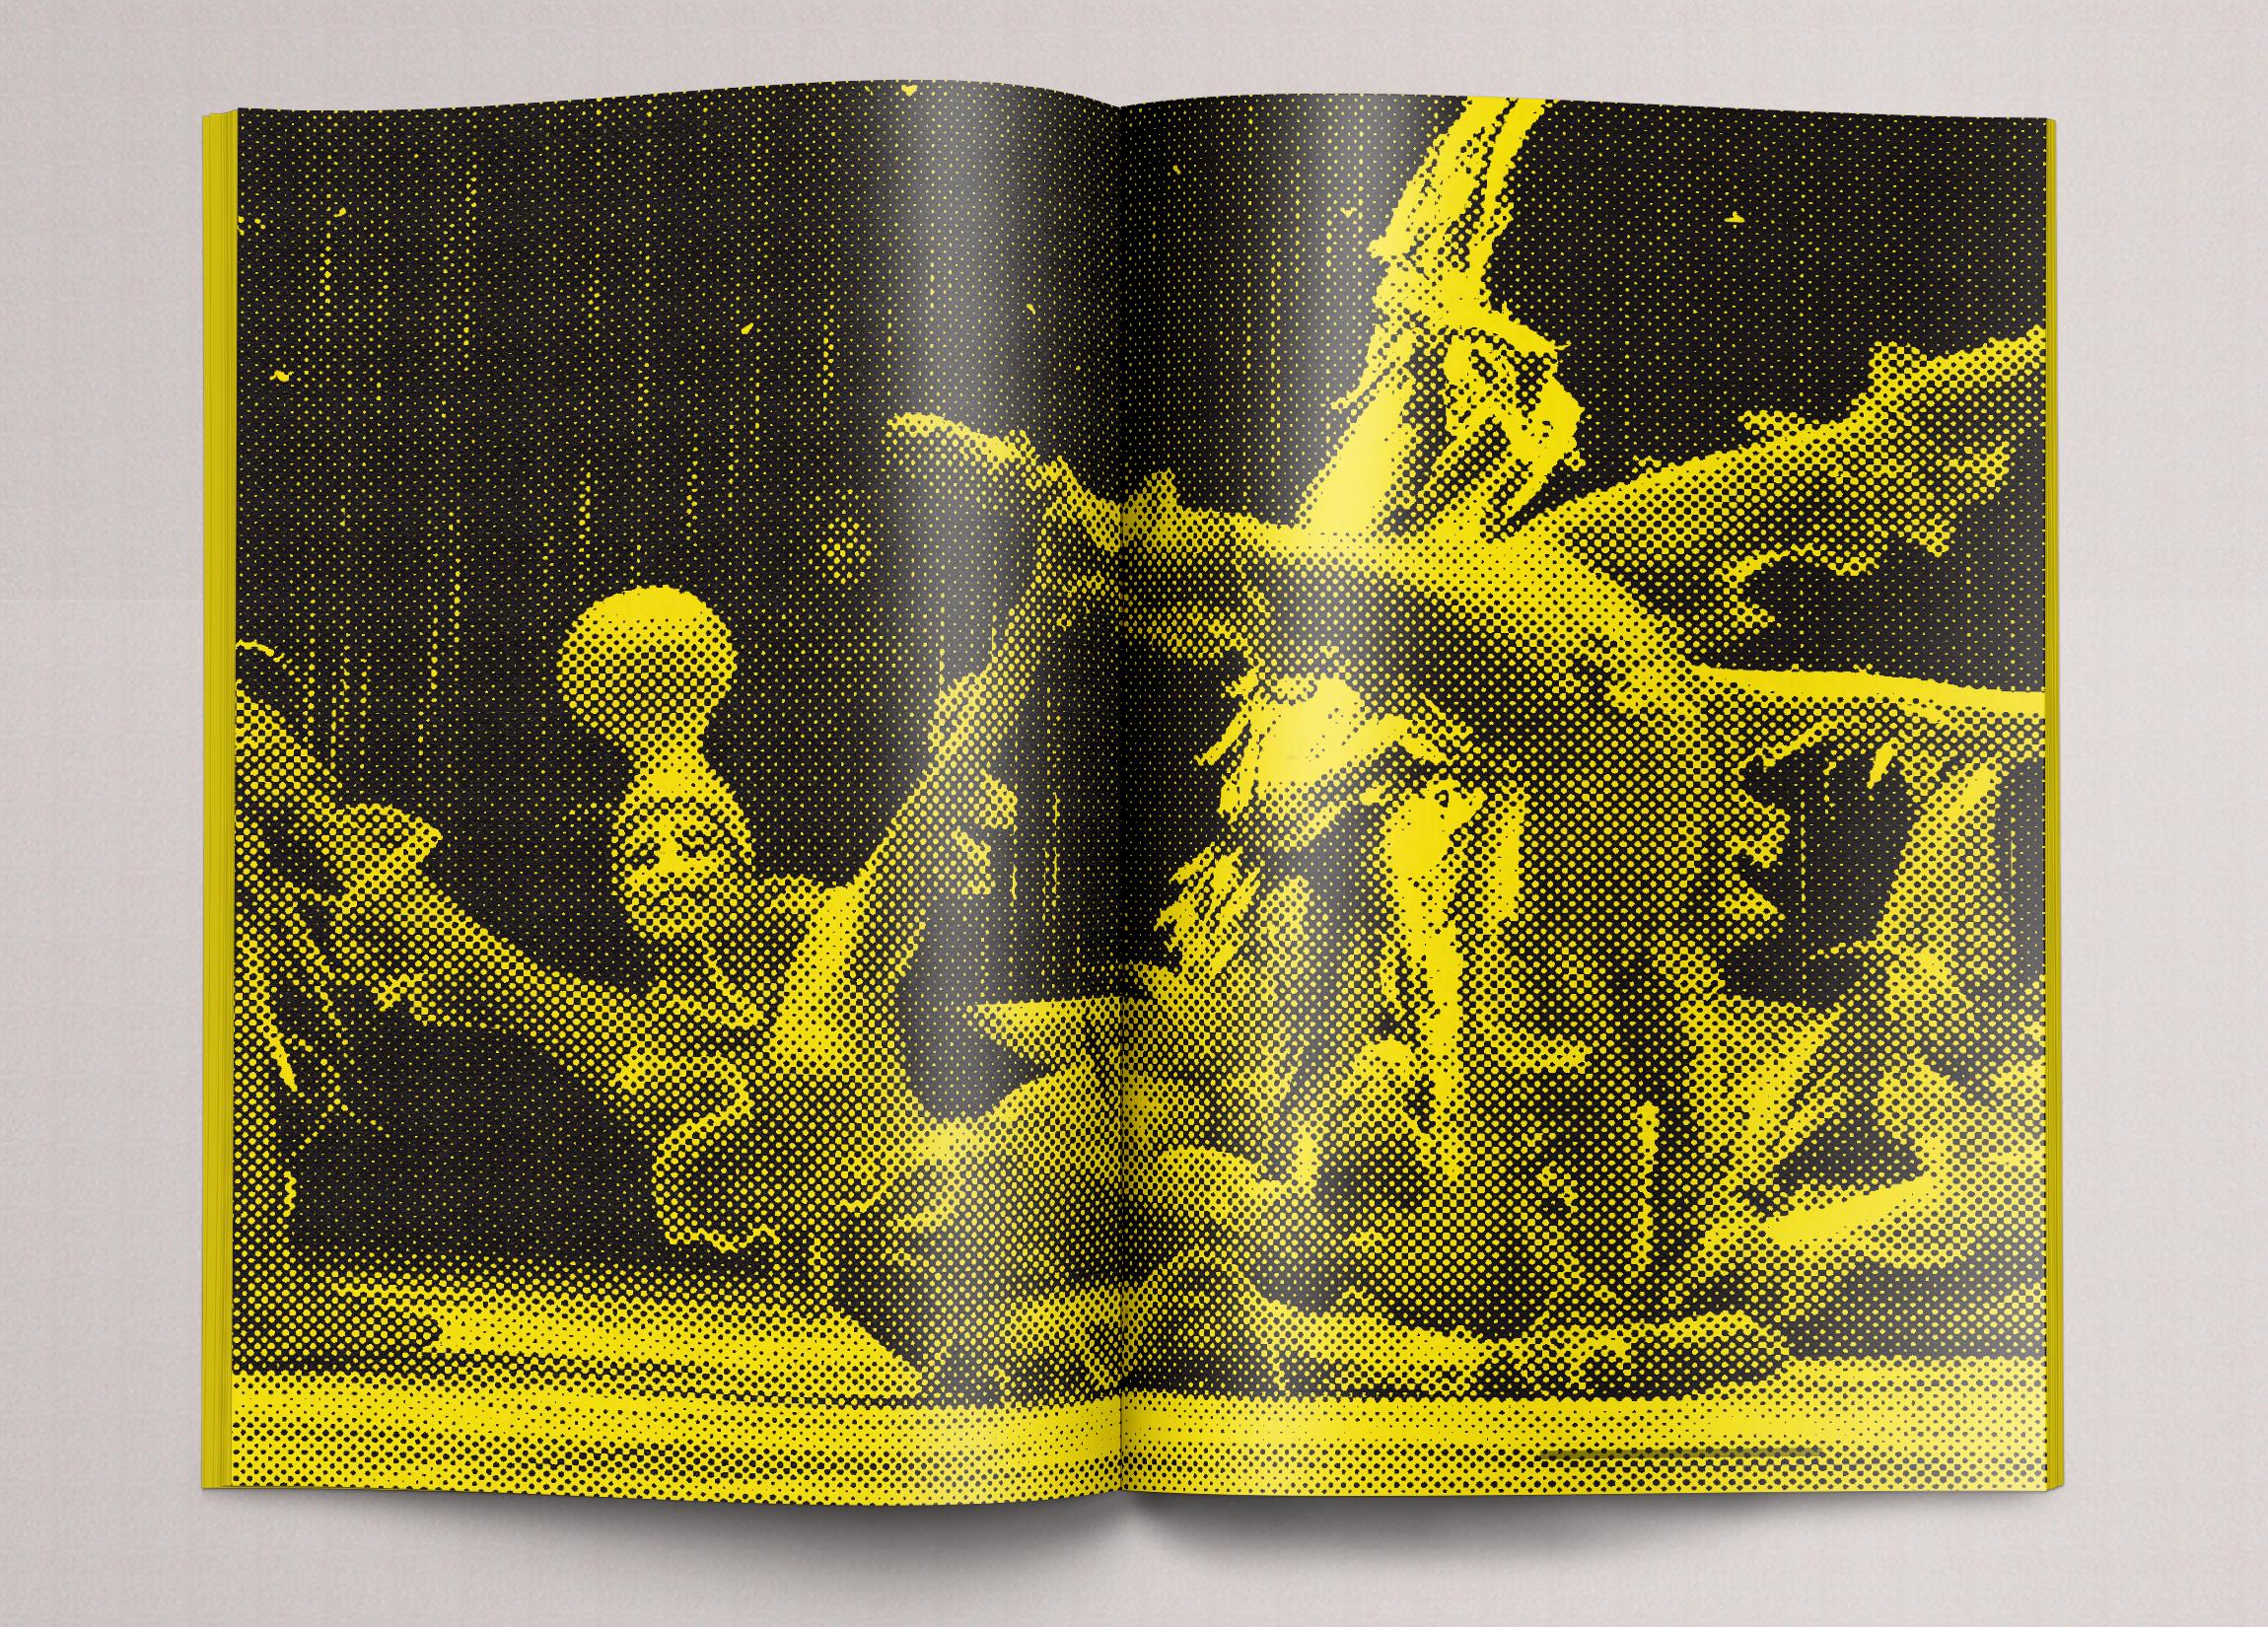 Philly Fringe_Photorealistic Magazine MockUp_spread5.jpg